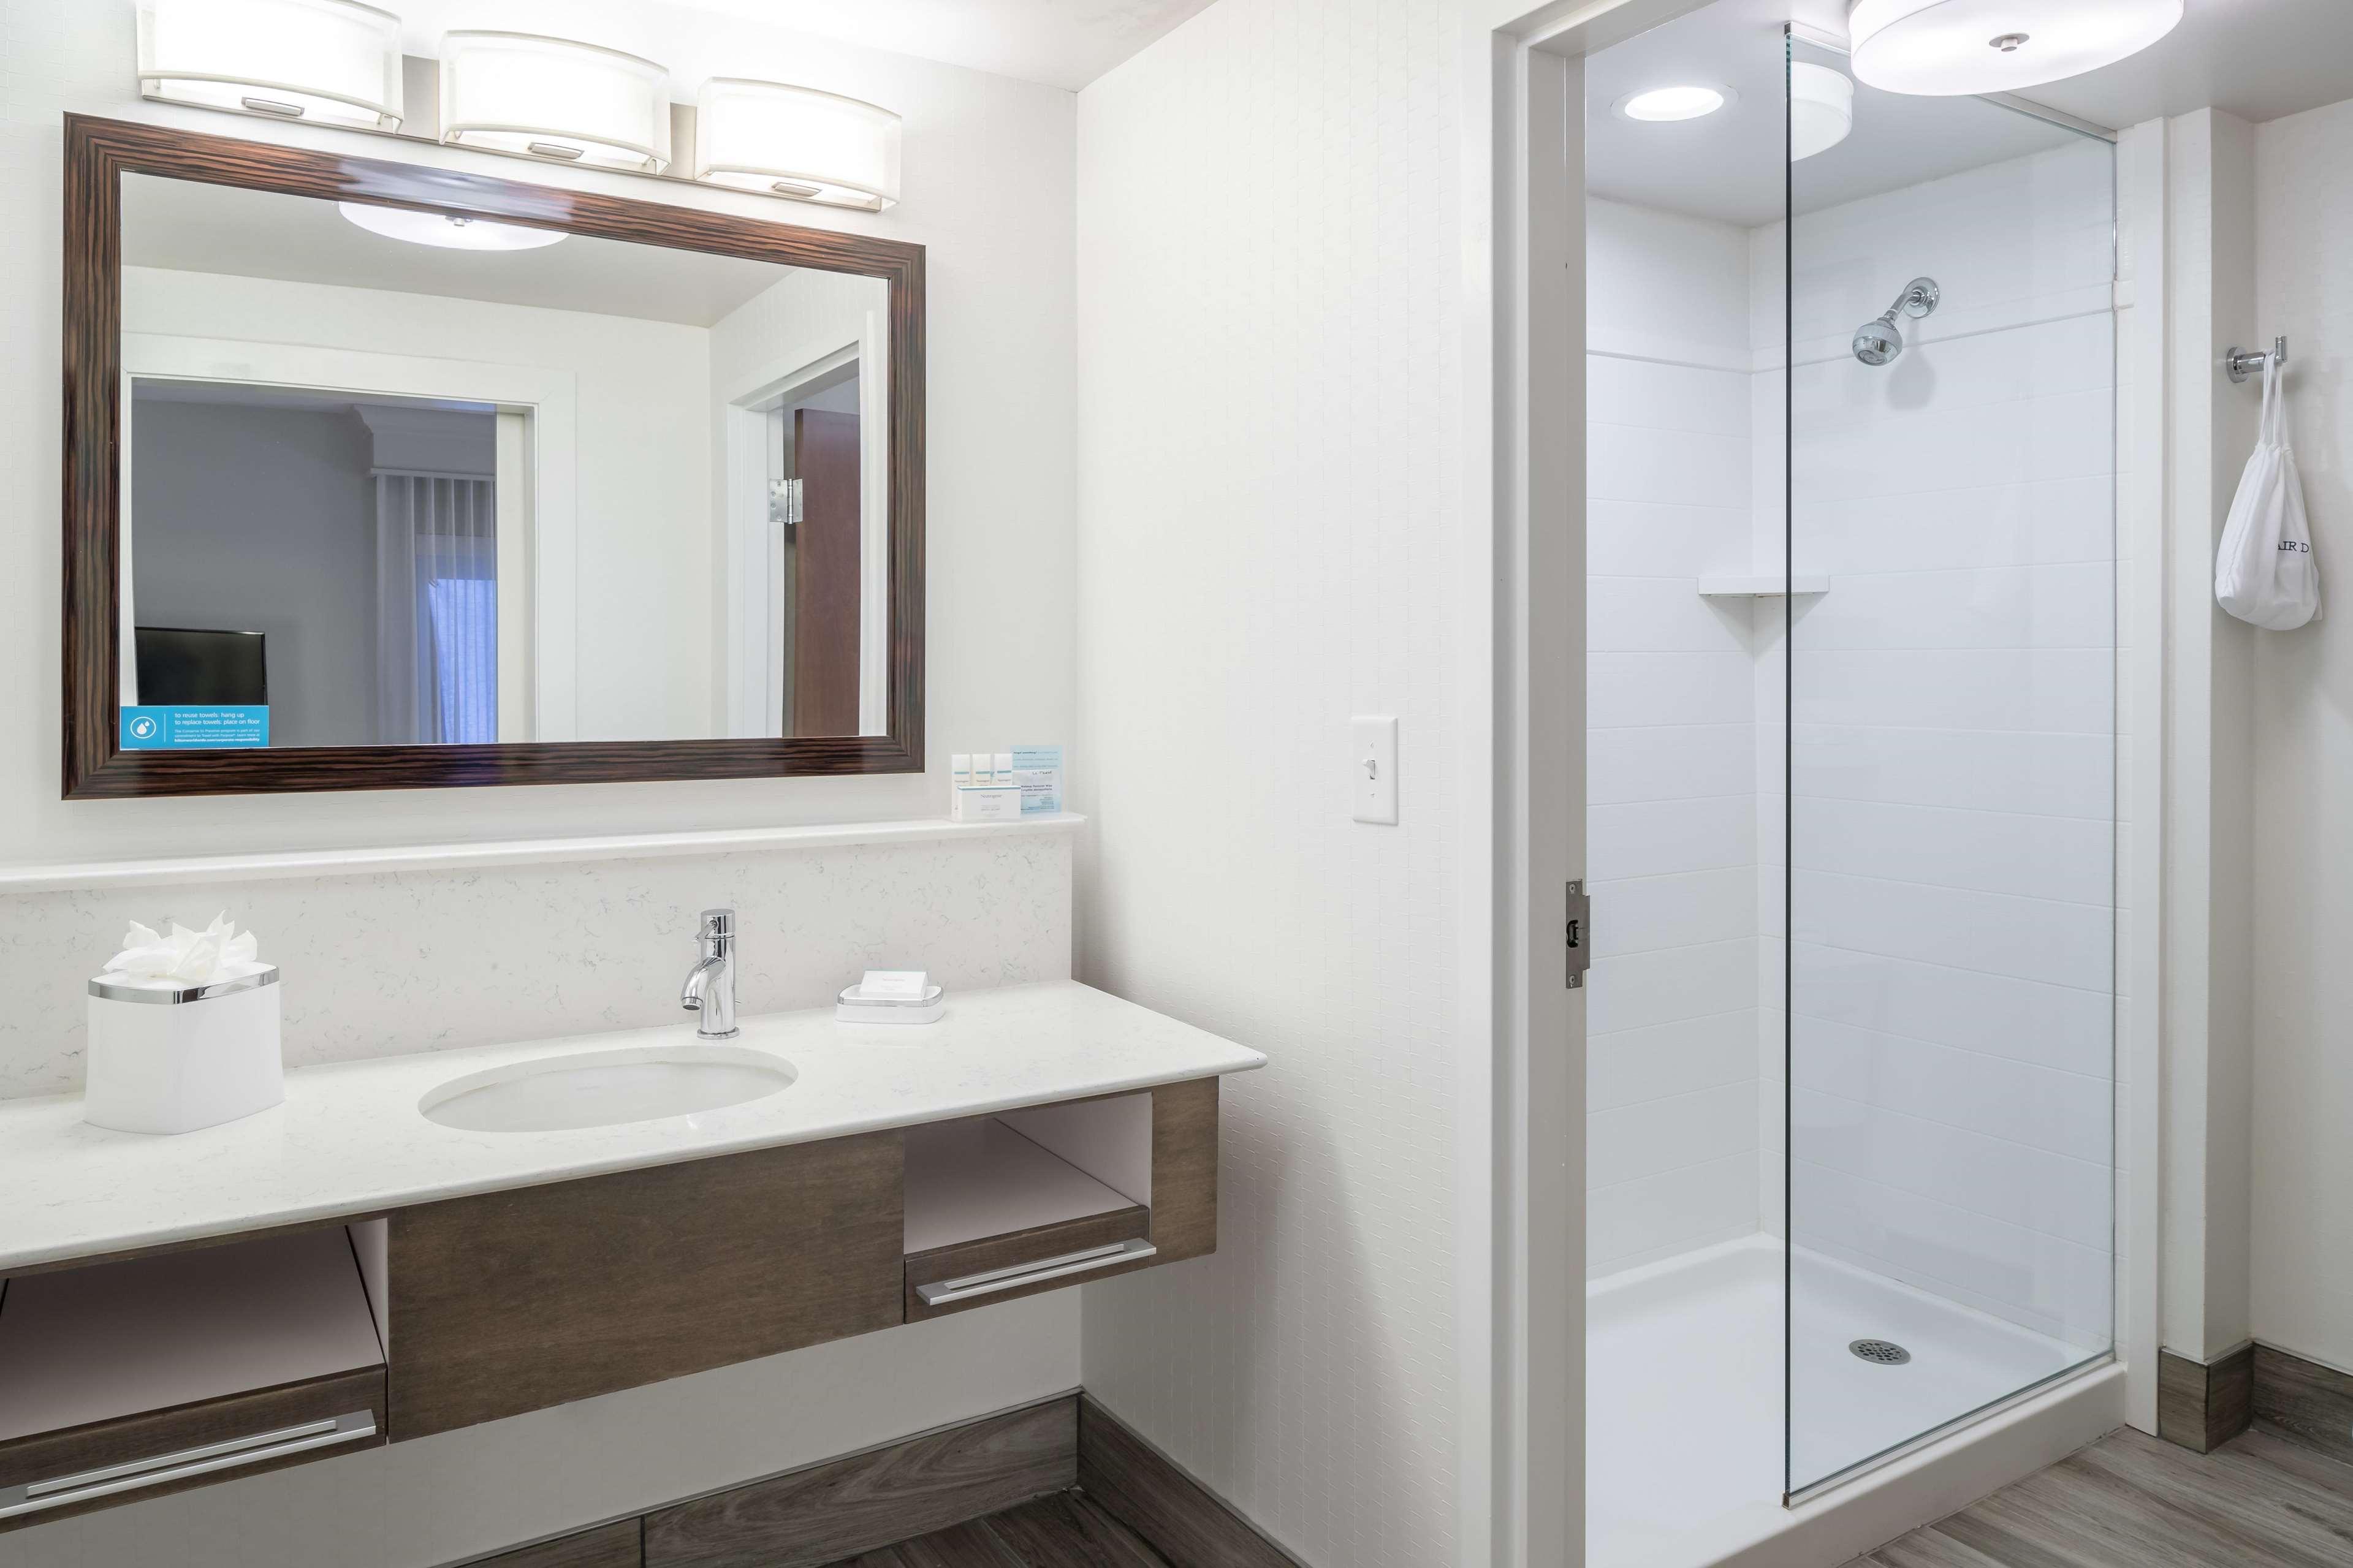 Hampton Inn & Suites by Hilton Atlanta Perimeter Dunwoody image 19